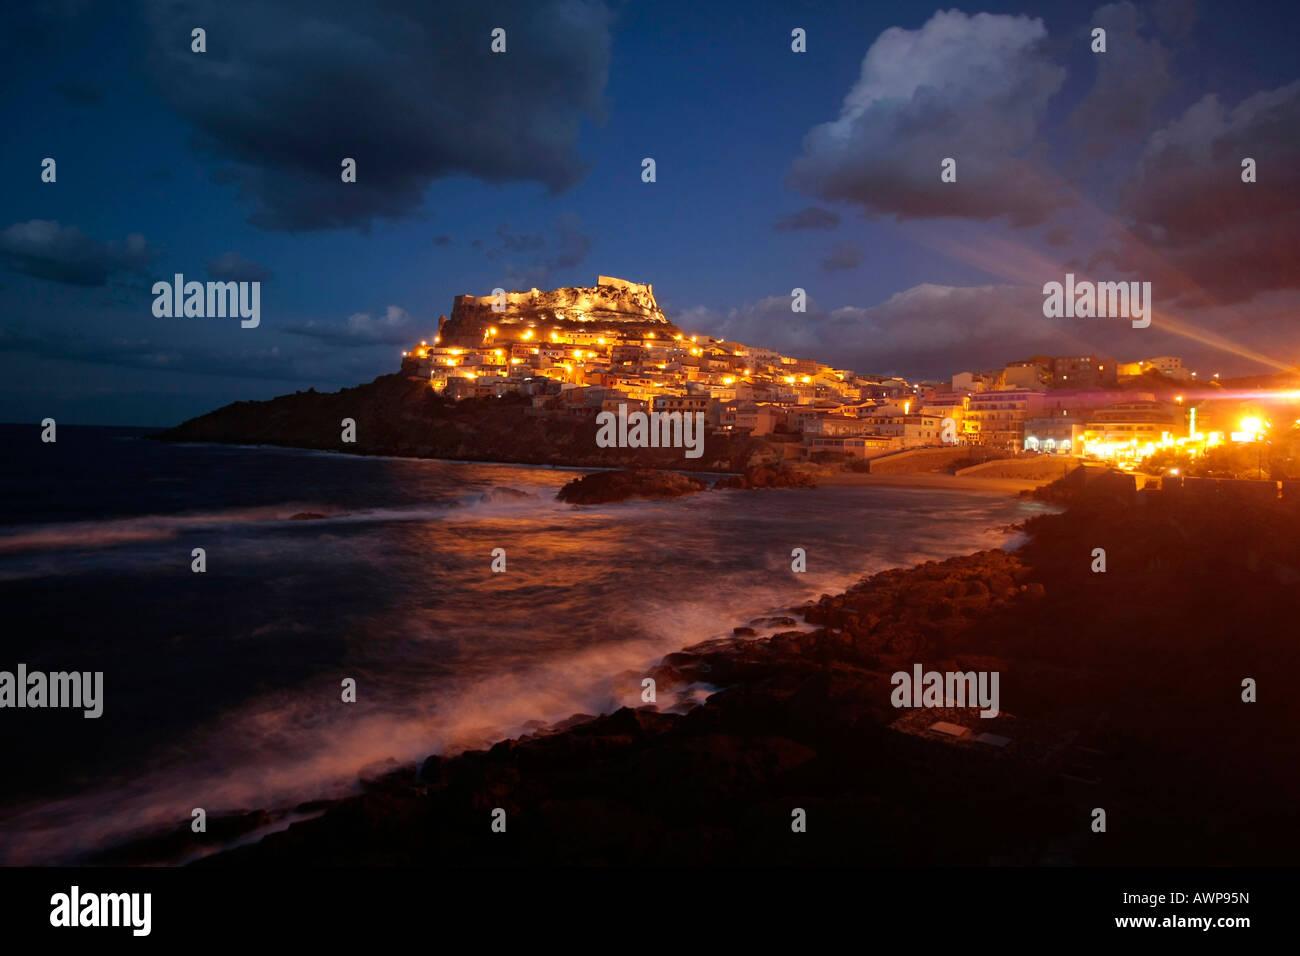 Castelsardo at night, Sardinia, Italy, Europe Stock Photo